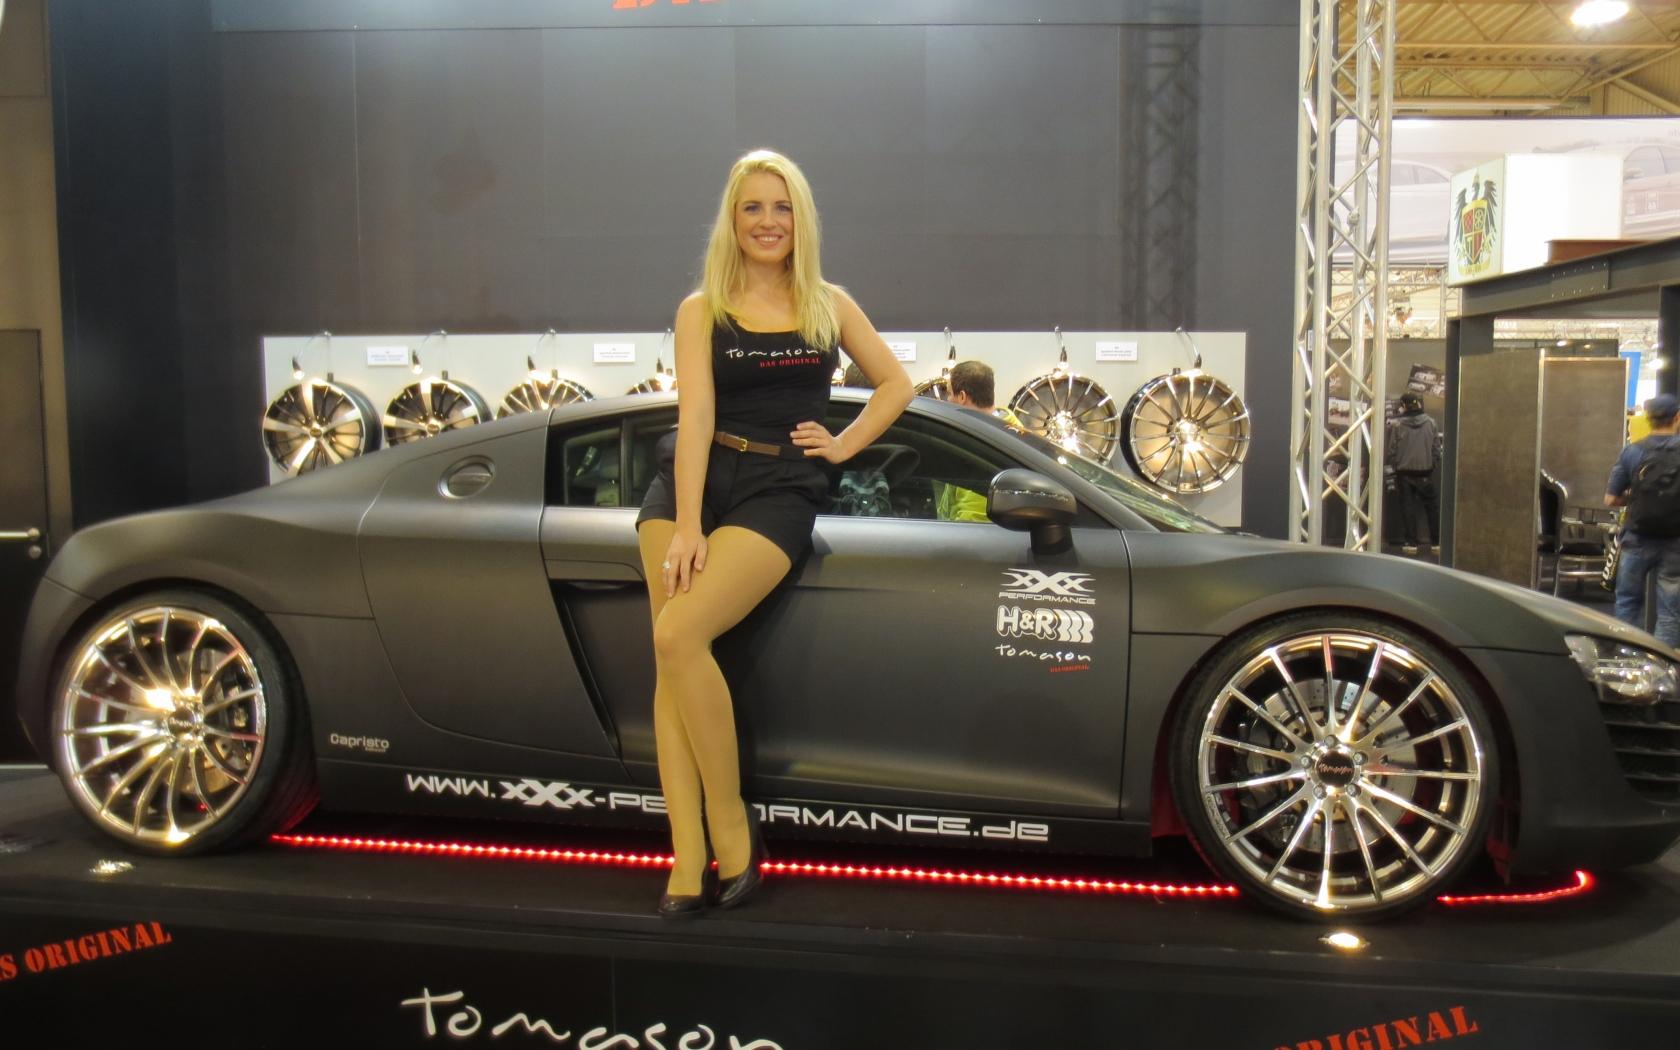 Bellas rubias y autos - 1680x1050